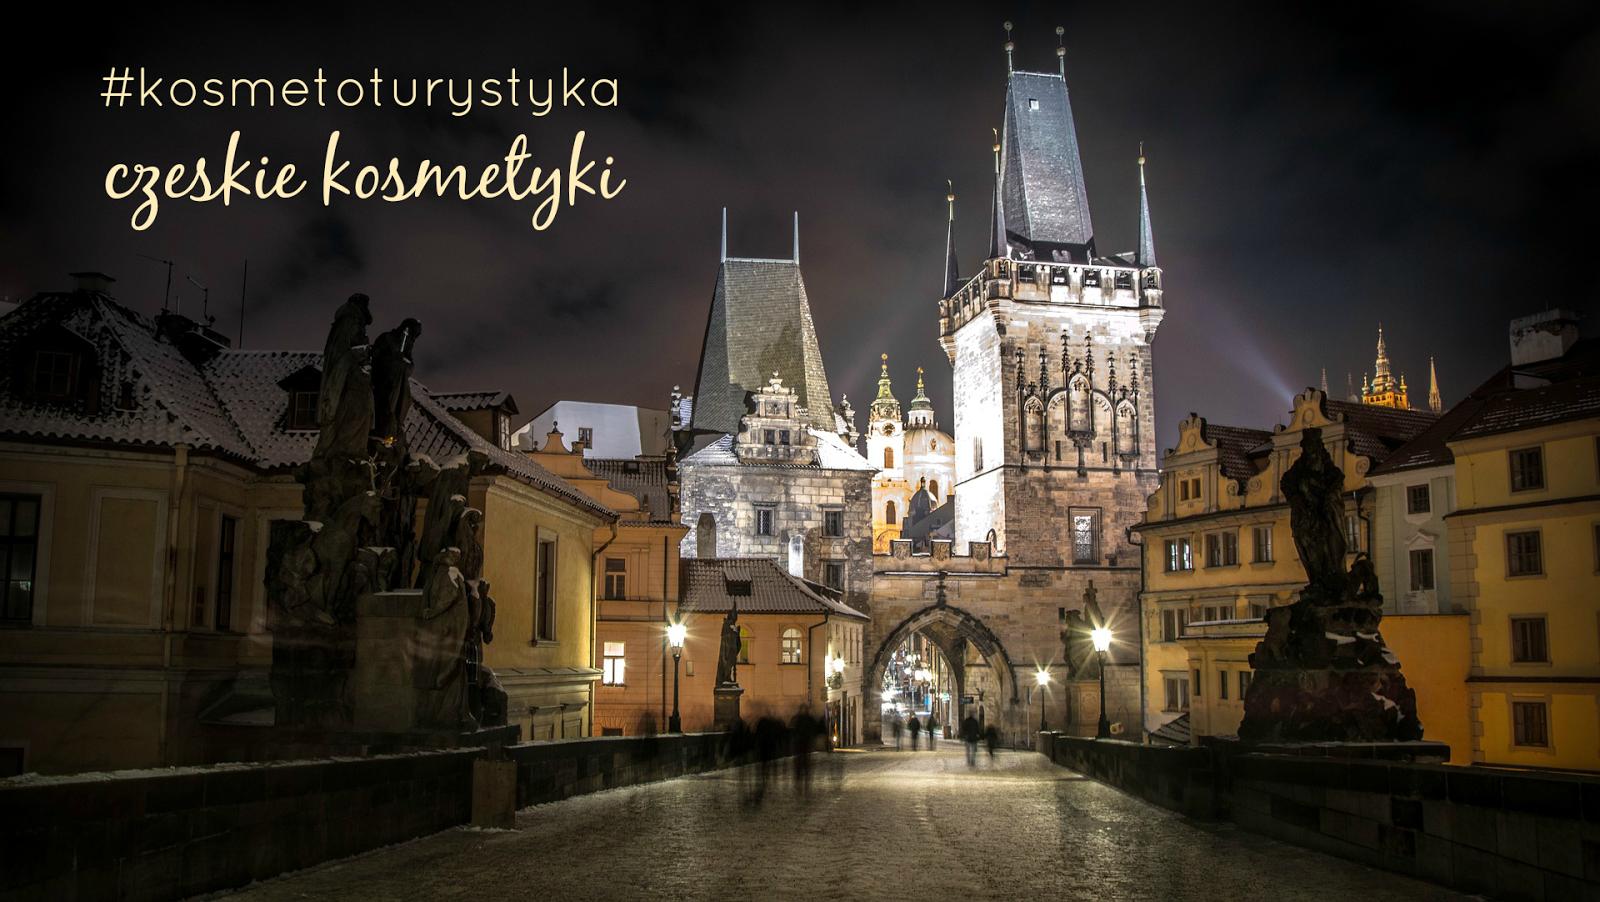 #kosmetoturystyka – Jakie kosmetyki warto kupić w Czechach?